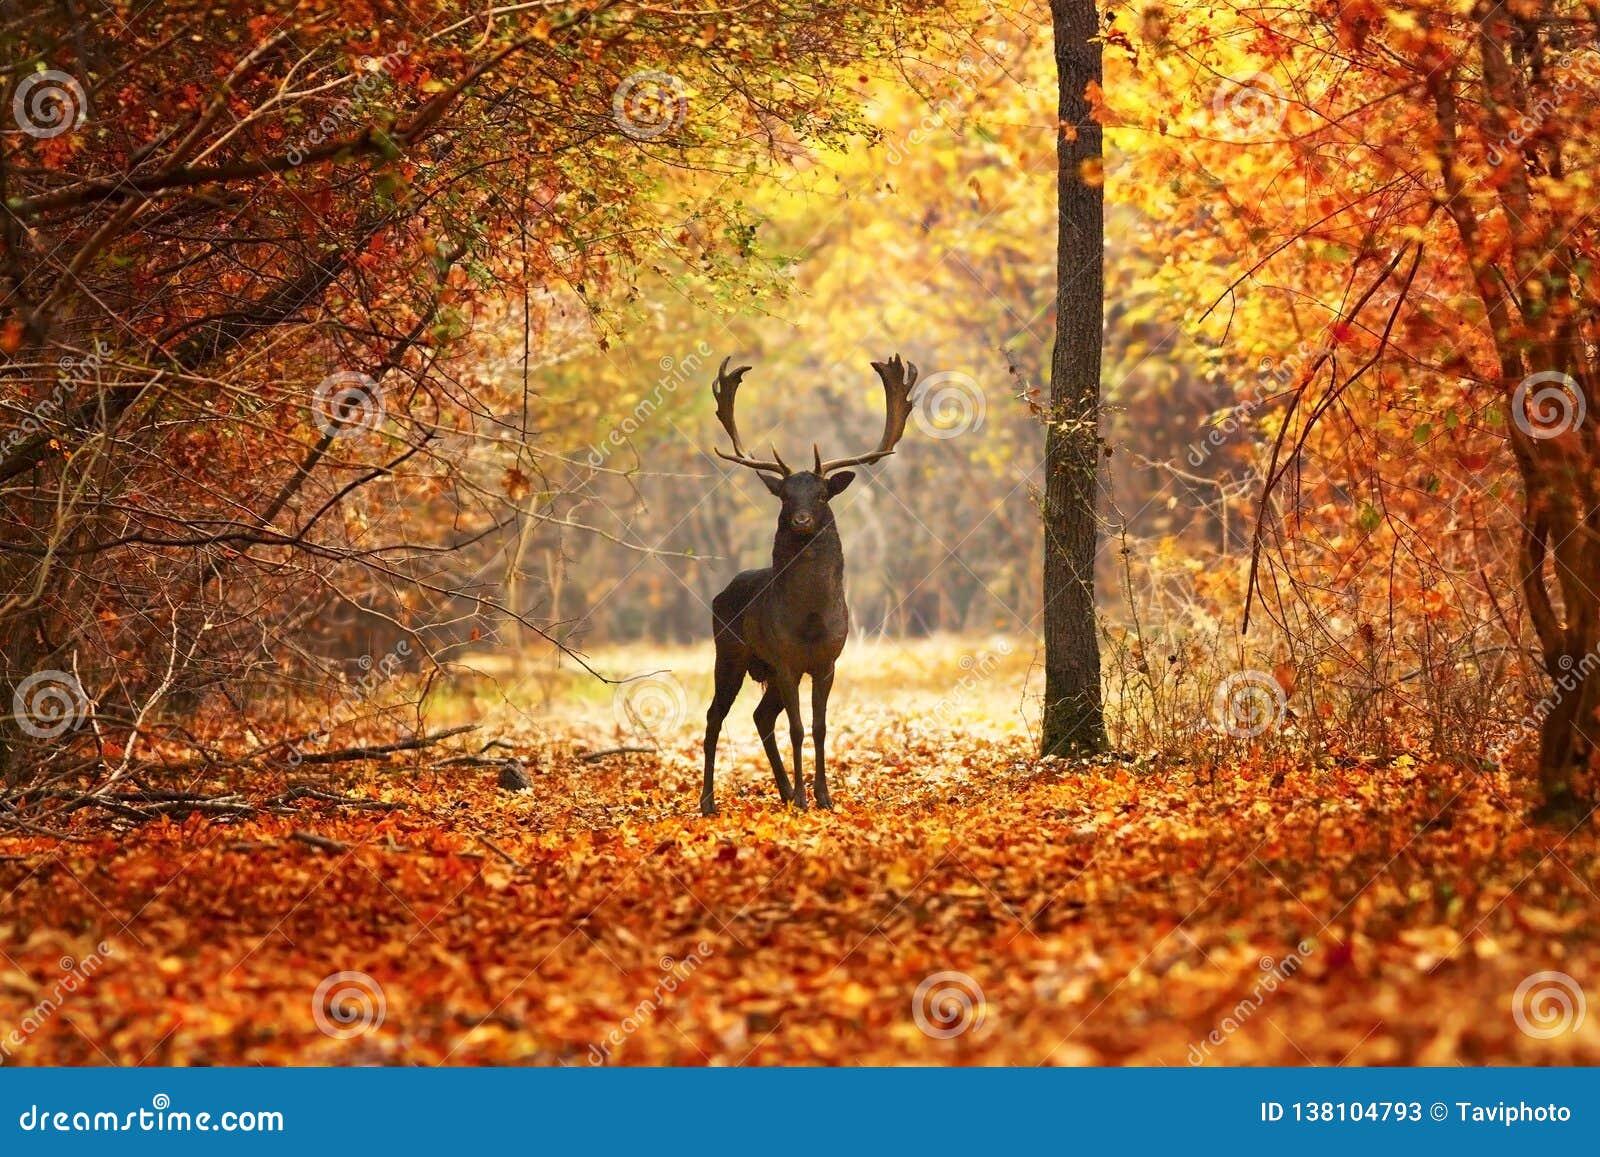 小鹿雄鹿在美丽的秋天森林里